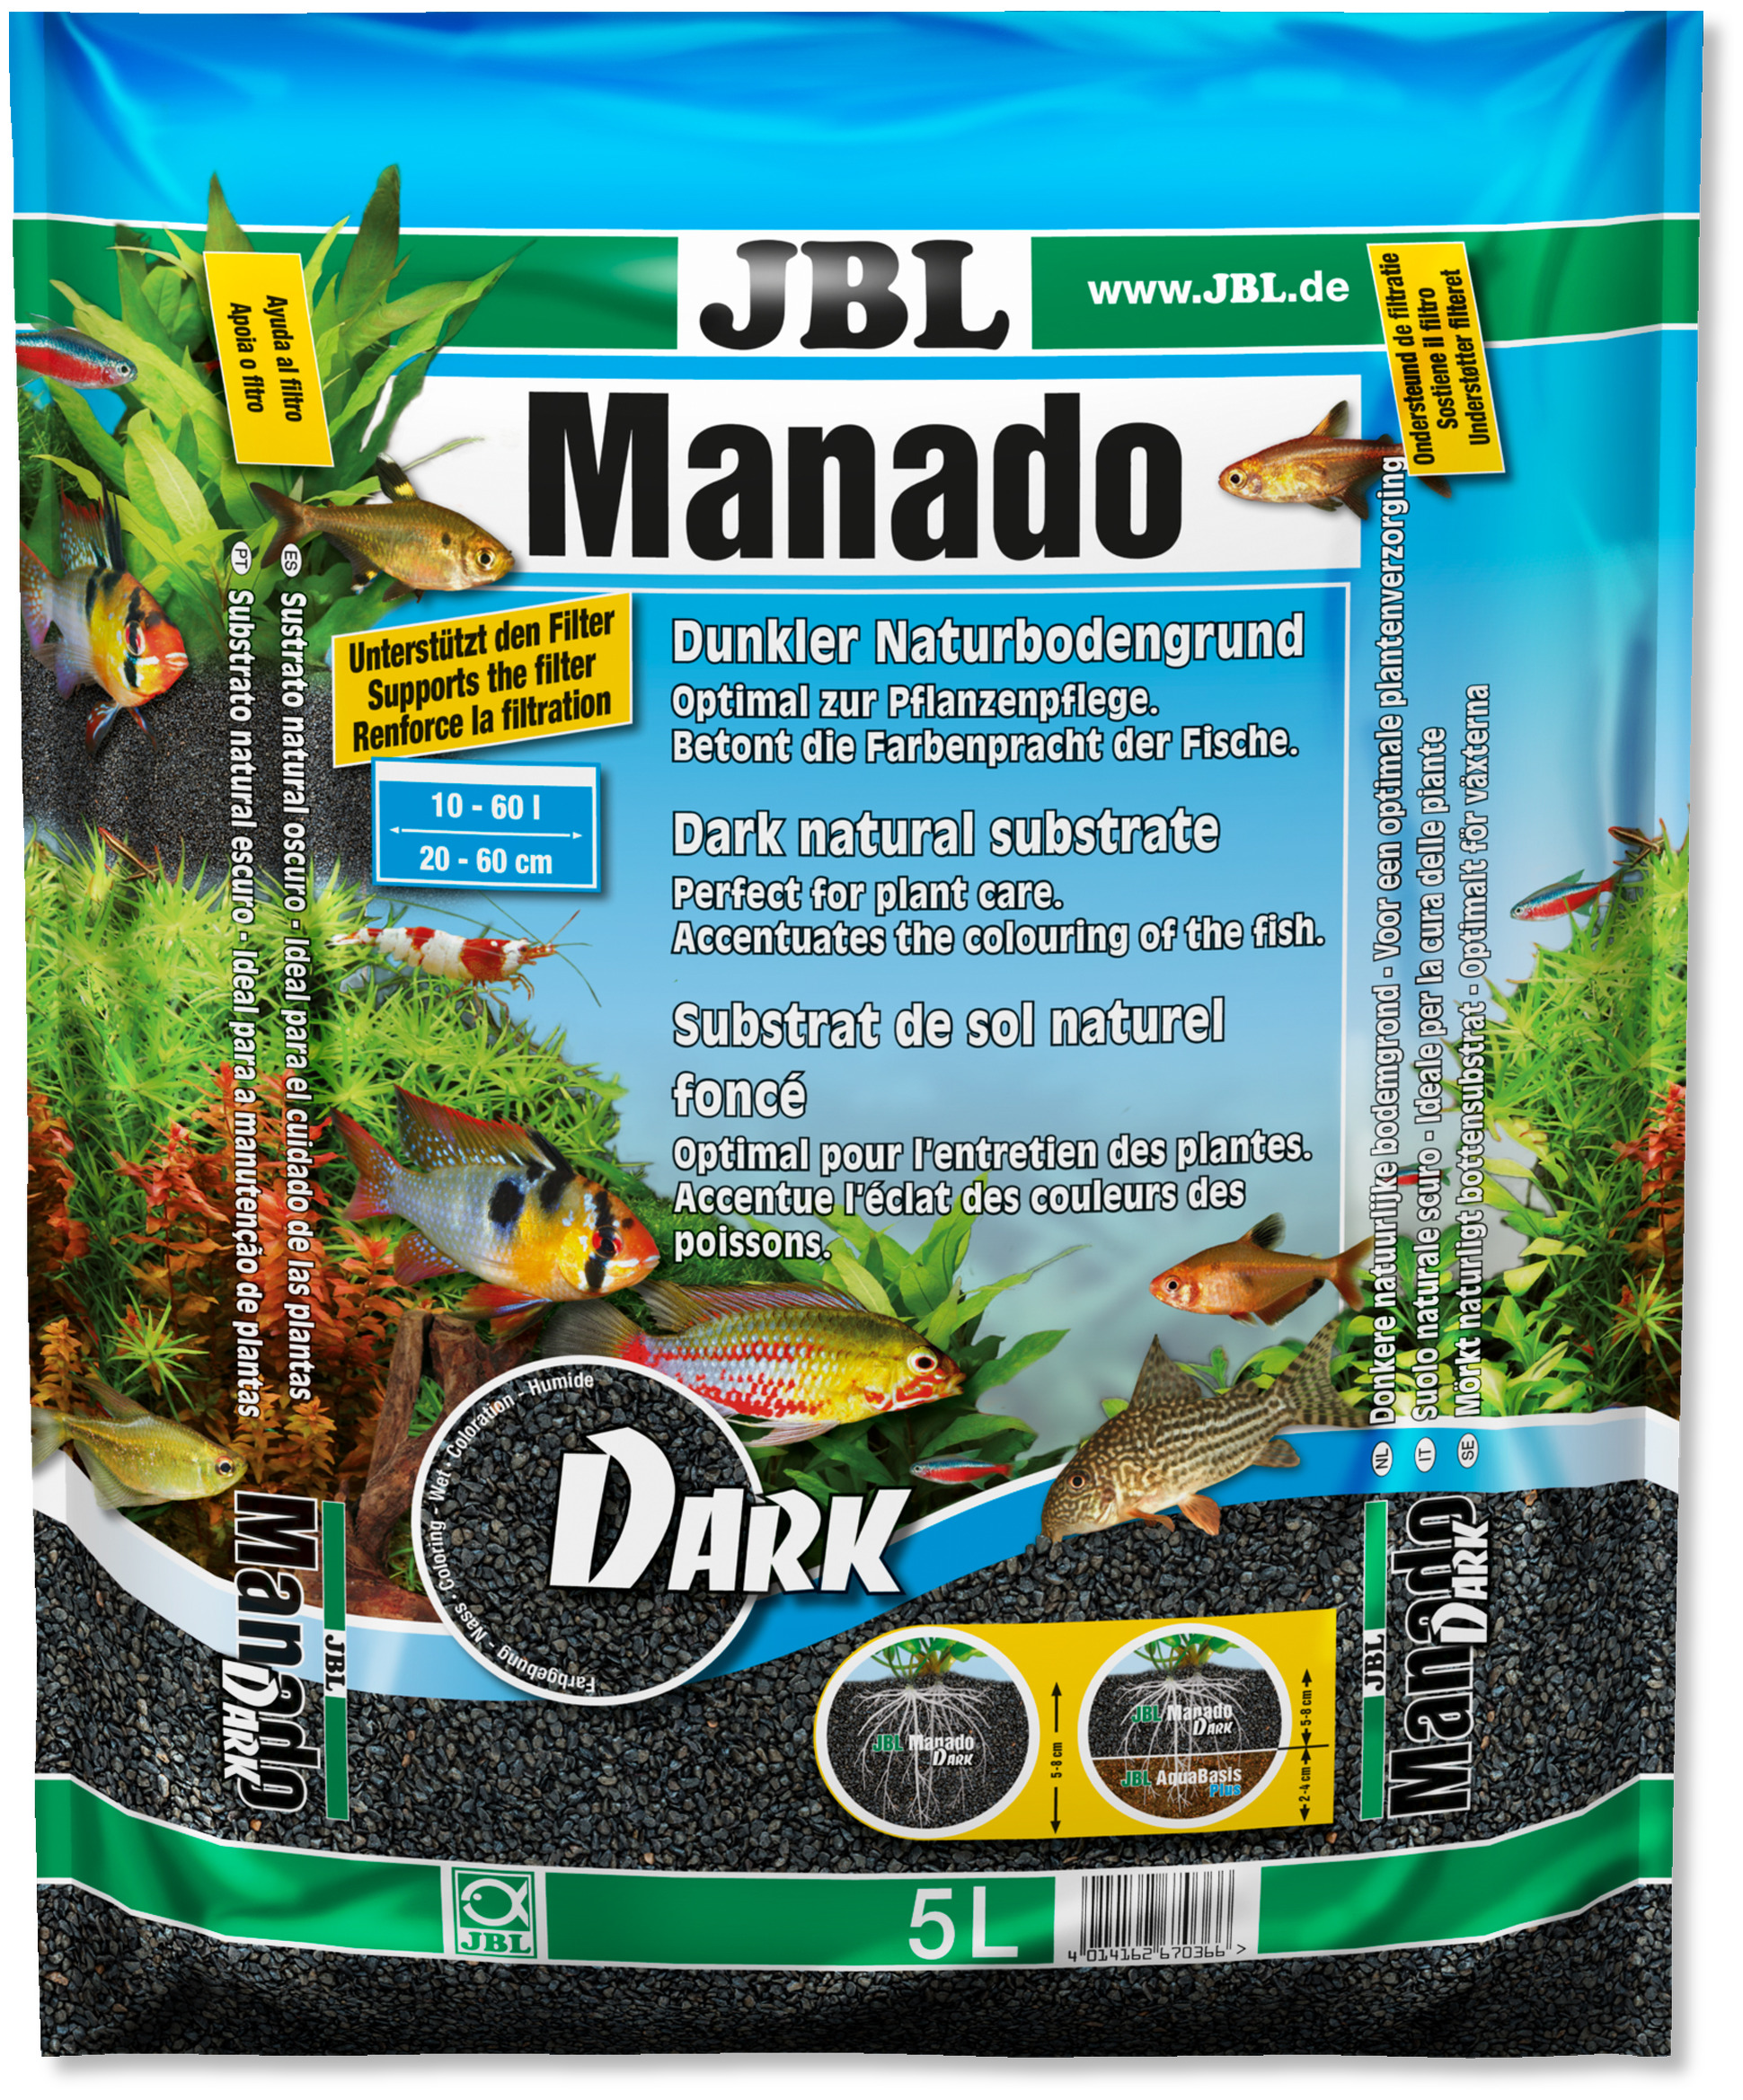 JBL Manado Dark 5L substrat noir tout en un pour décoration et fertilisation en aquarium